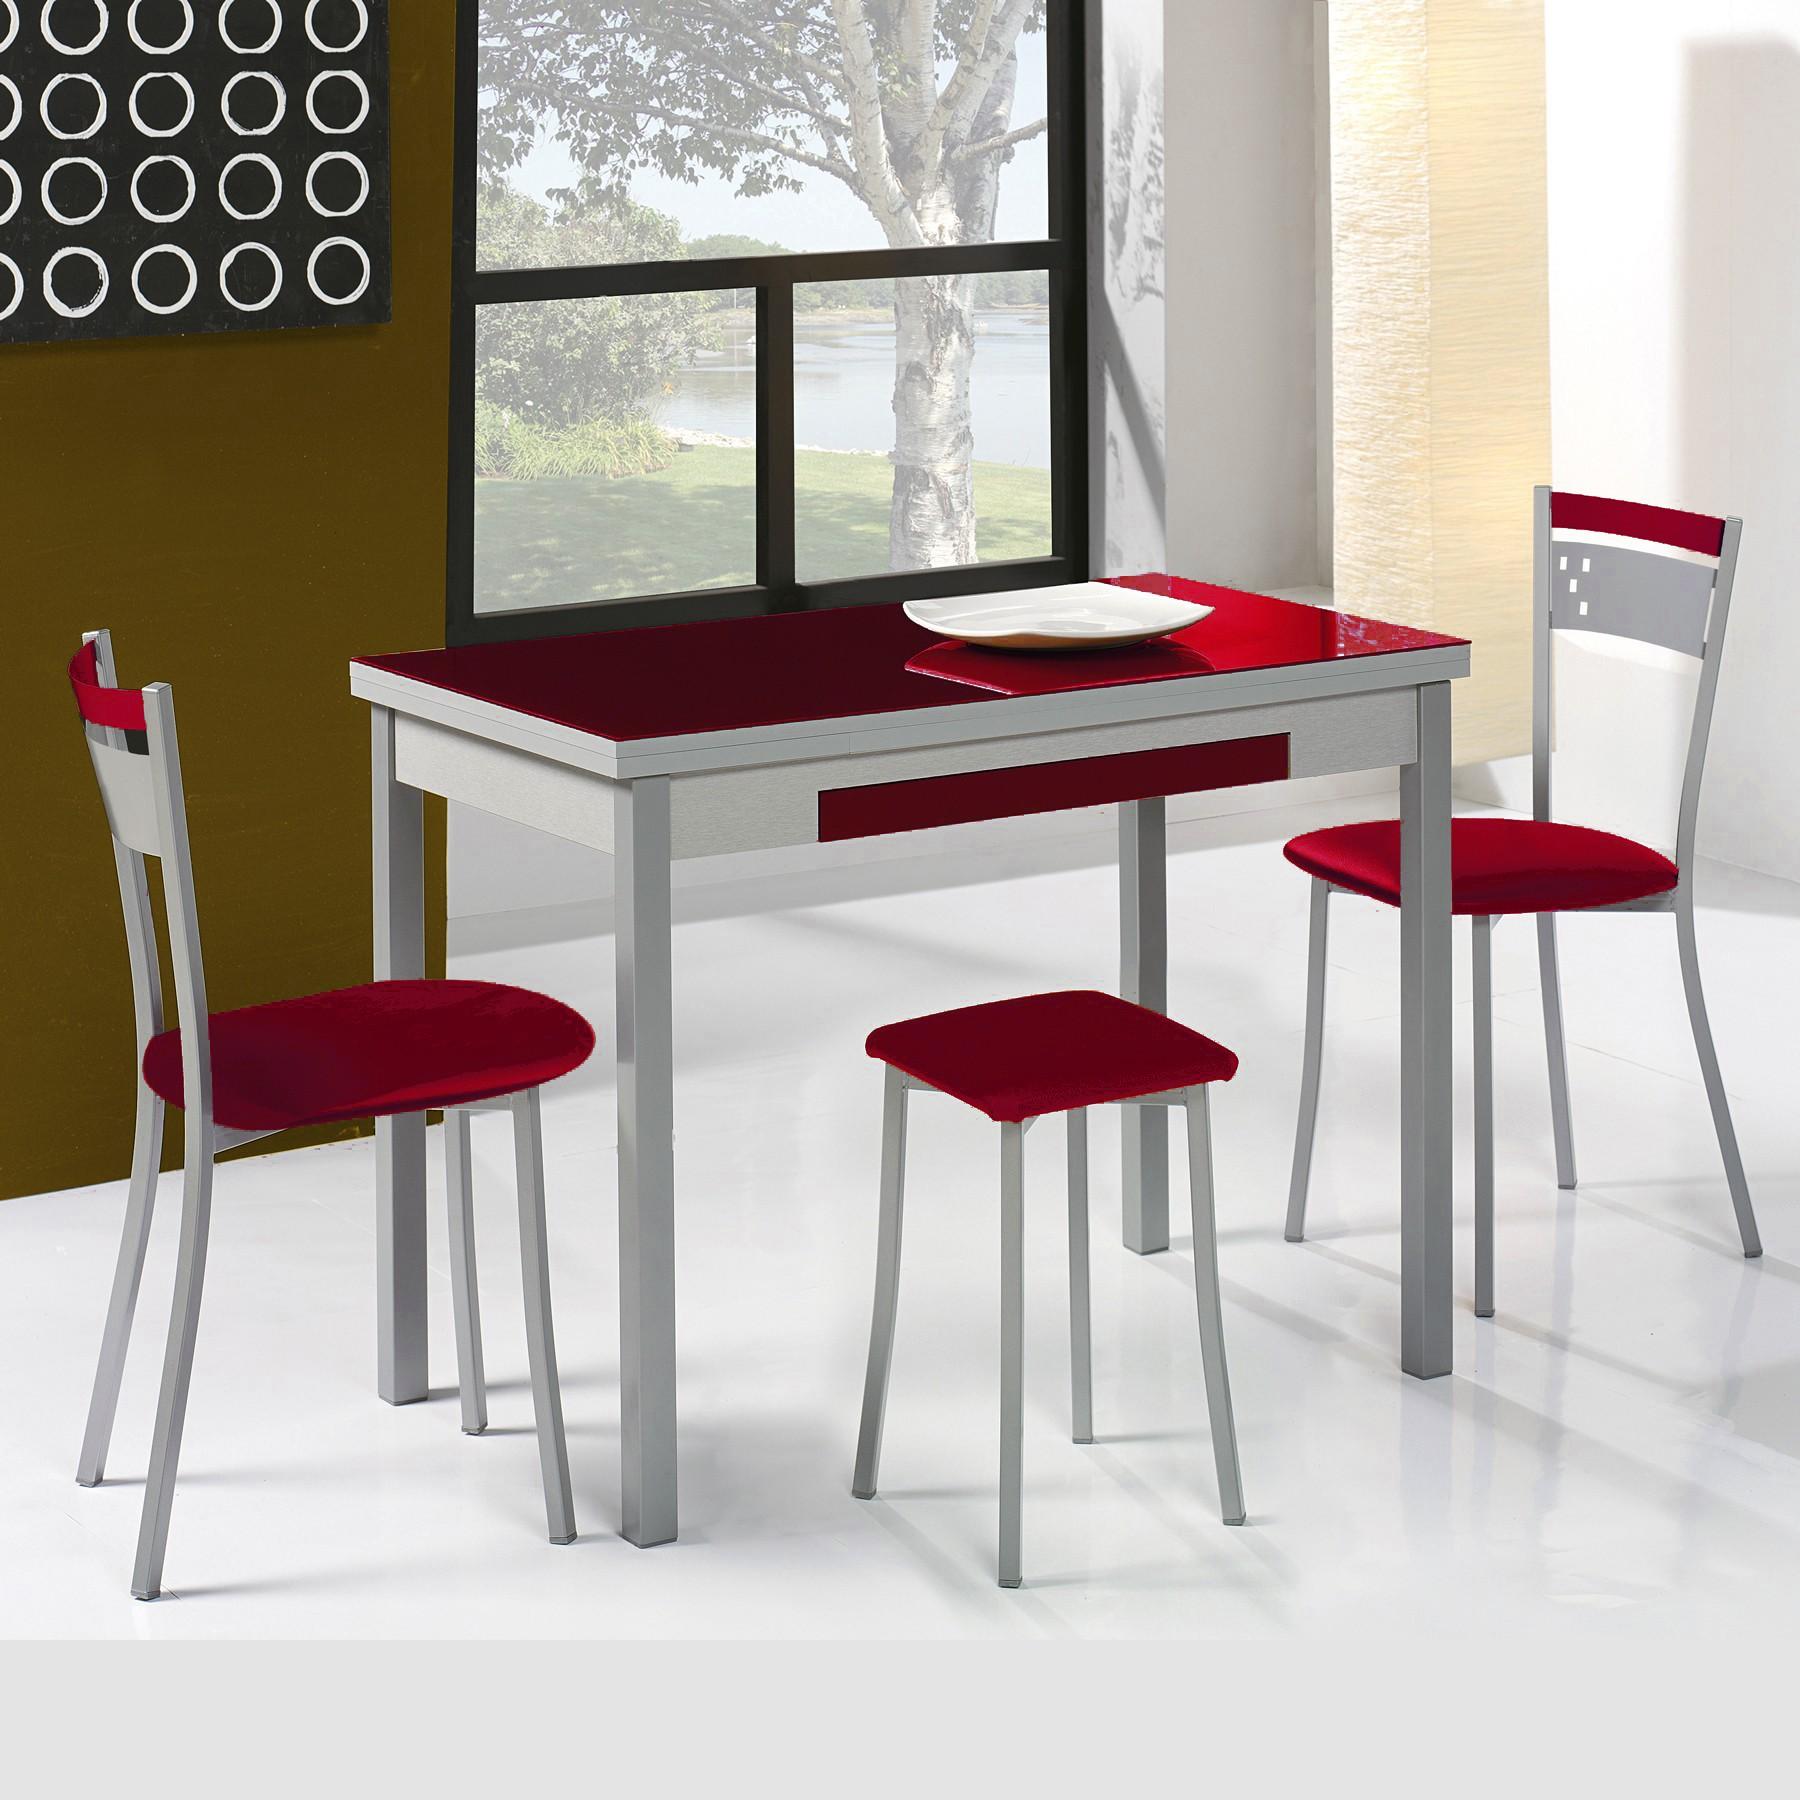 Pack mesa de cocina extensible y 4 sillas mod a for Mesas comedor extensibles modernas baratas